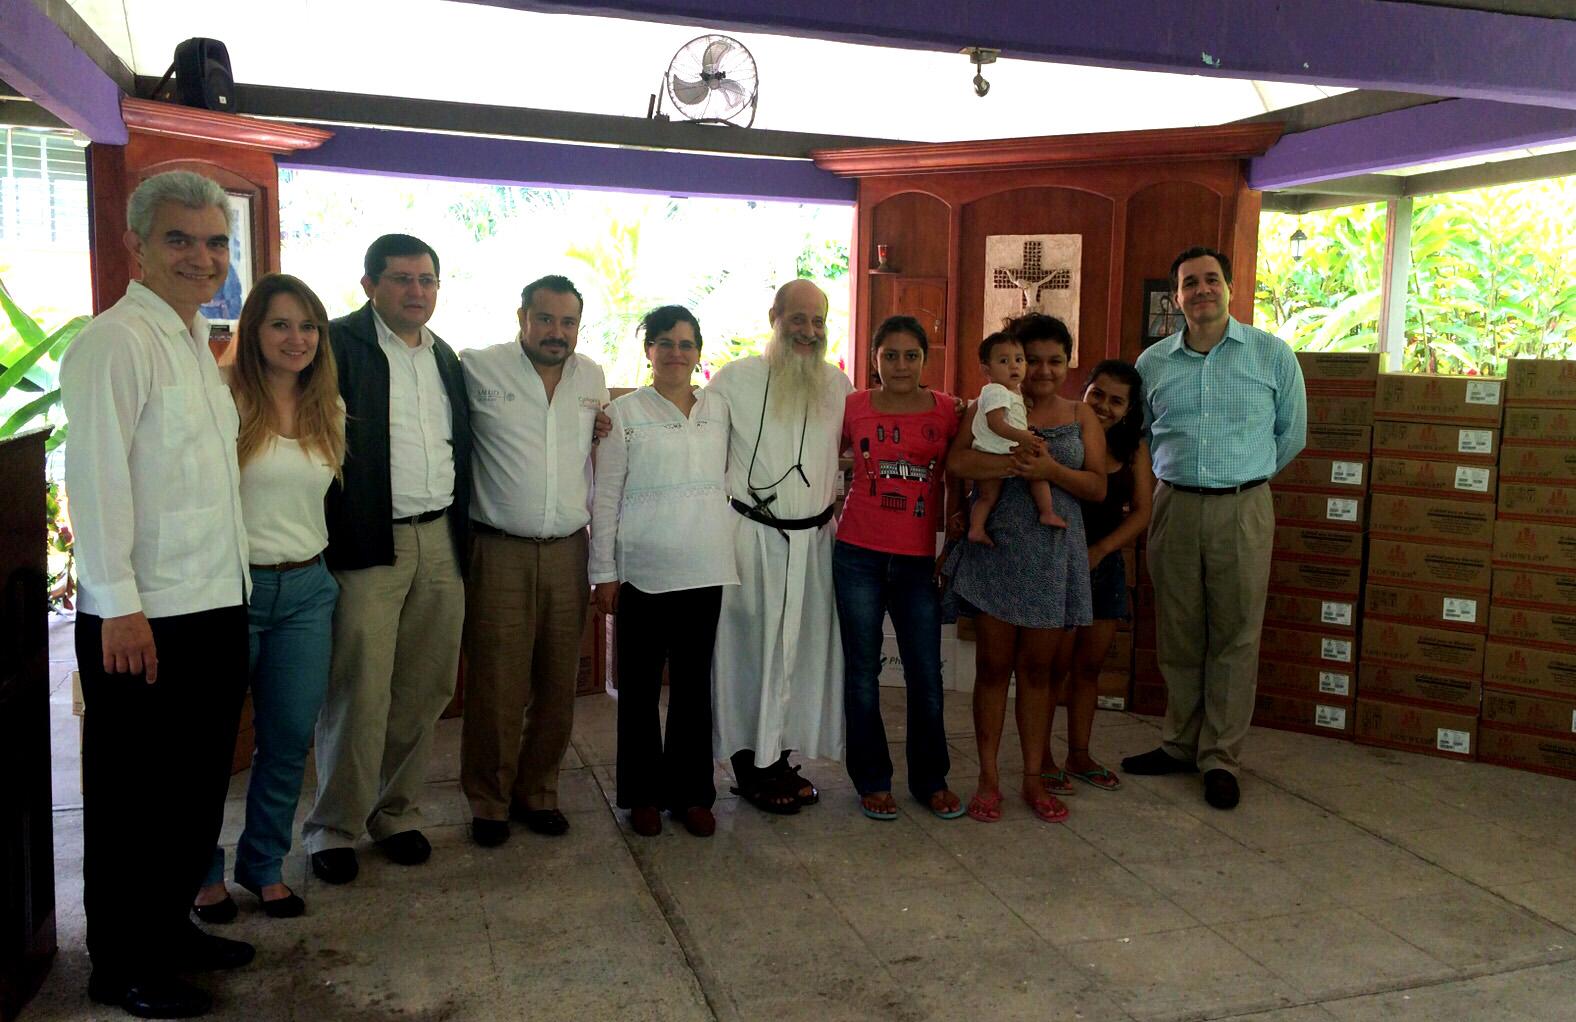 Casa del migrante en tapachula chiapas recibe segunda for Mural de la casa del migrante